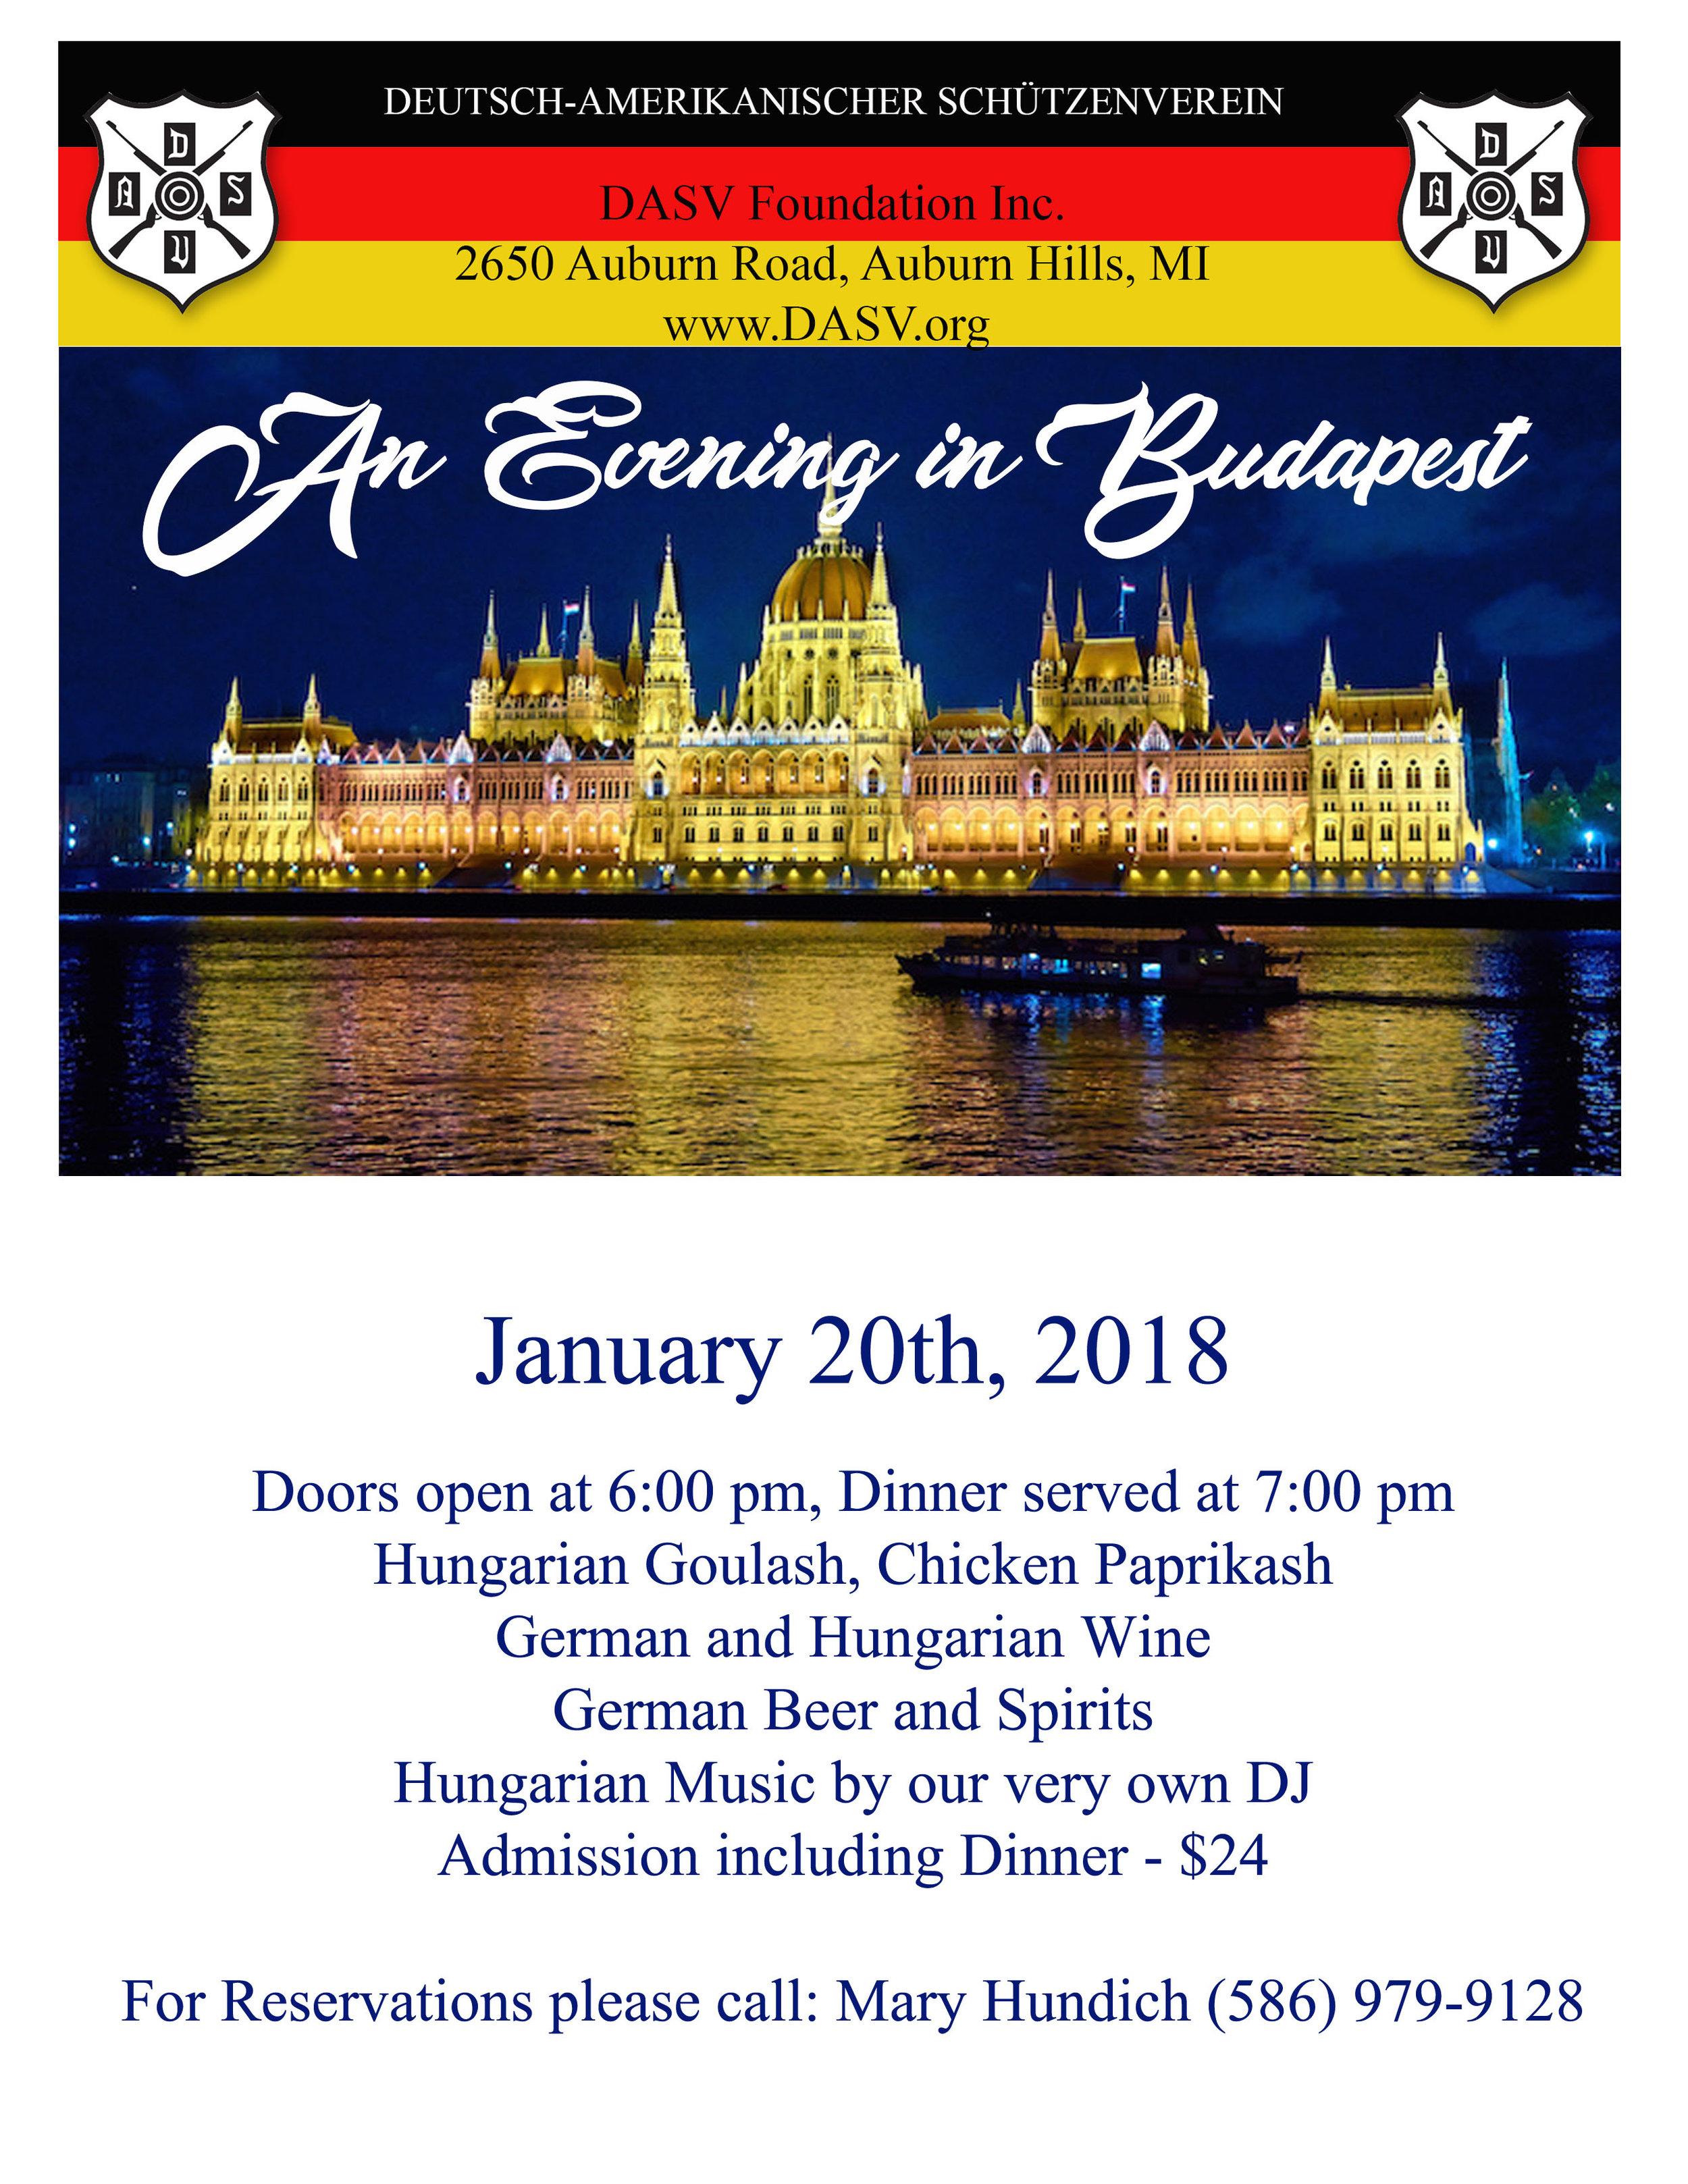 An Evening in Budapest flyer 2018  08.jpg